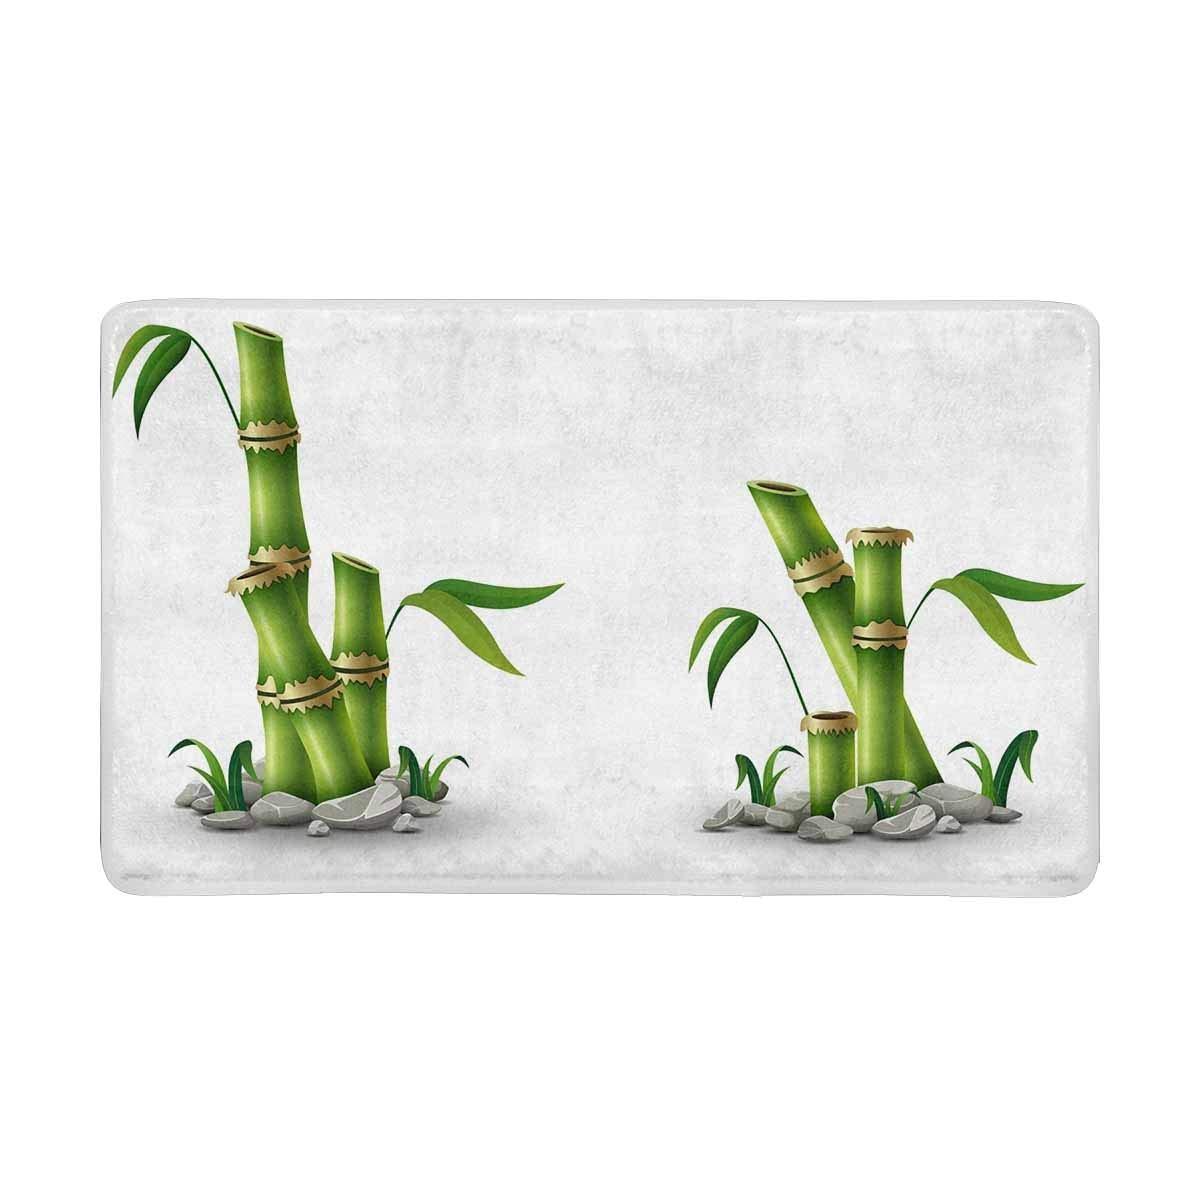 Green Bamboo Stems with Leaves Indoor Doormat Non Slip Front Entrance Door Mat Rug